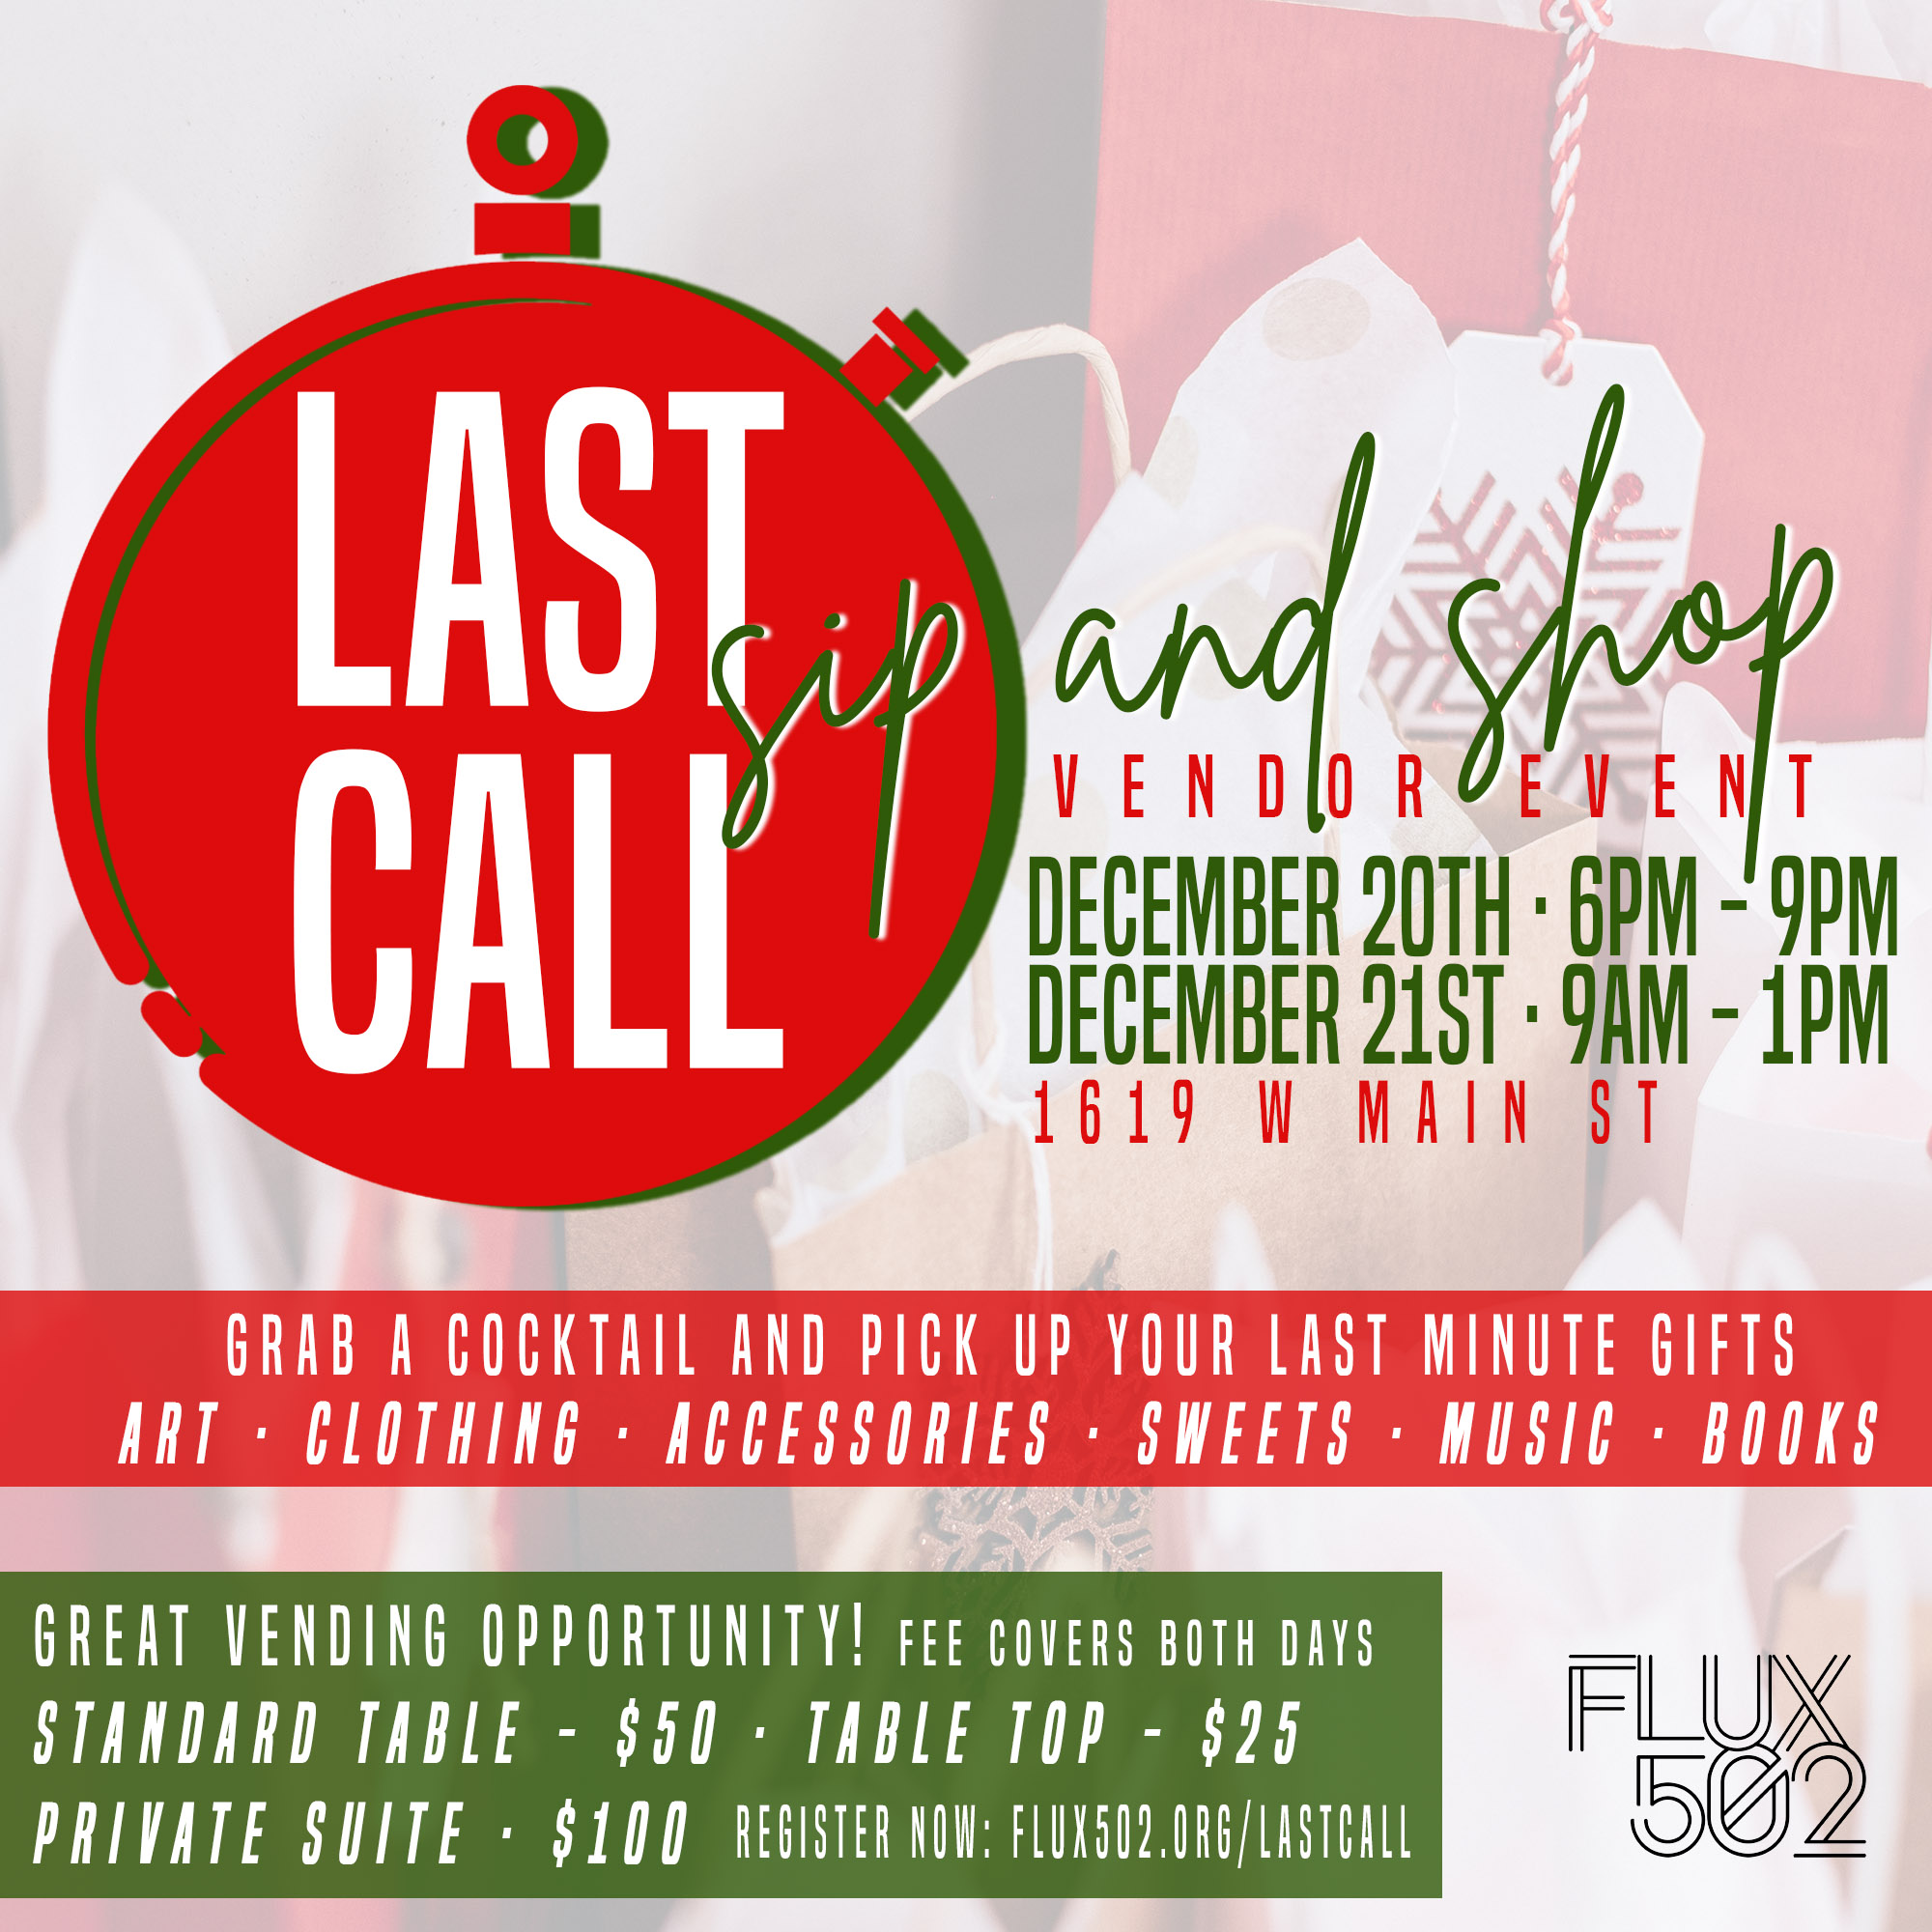 Last Call Sip and Shop - Vendor Registration